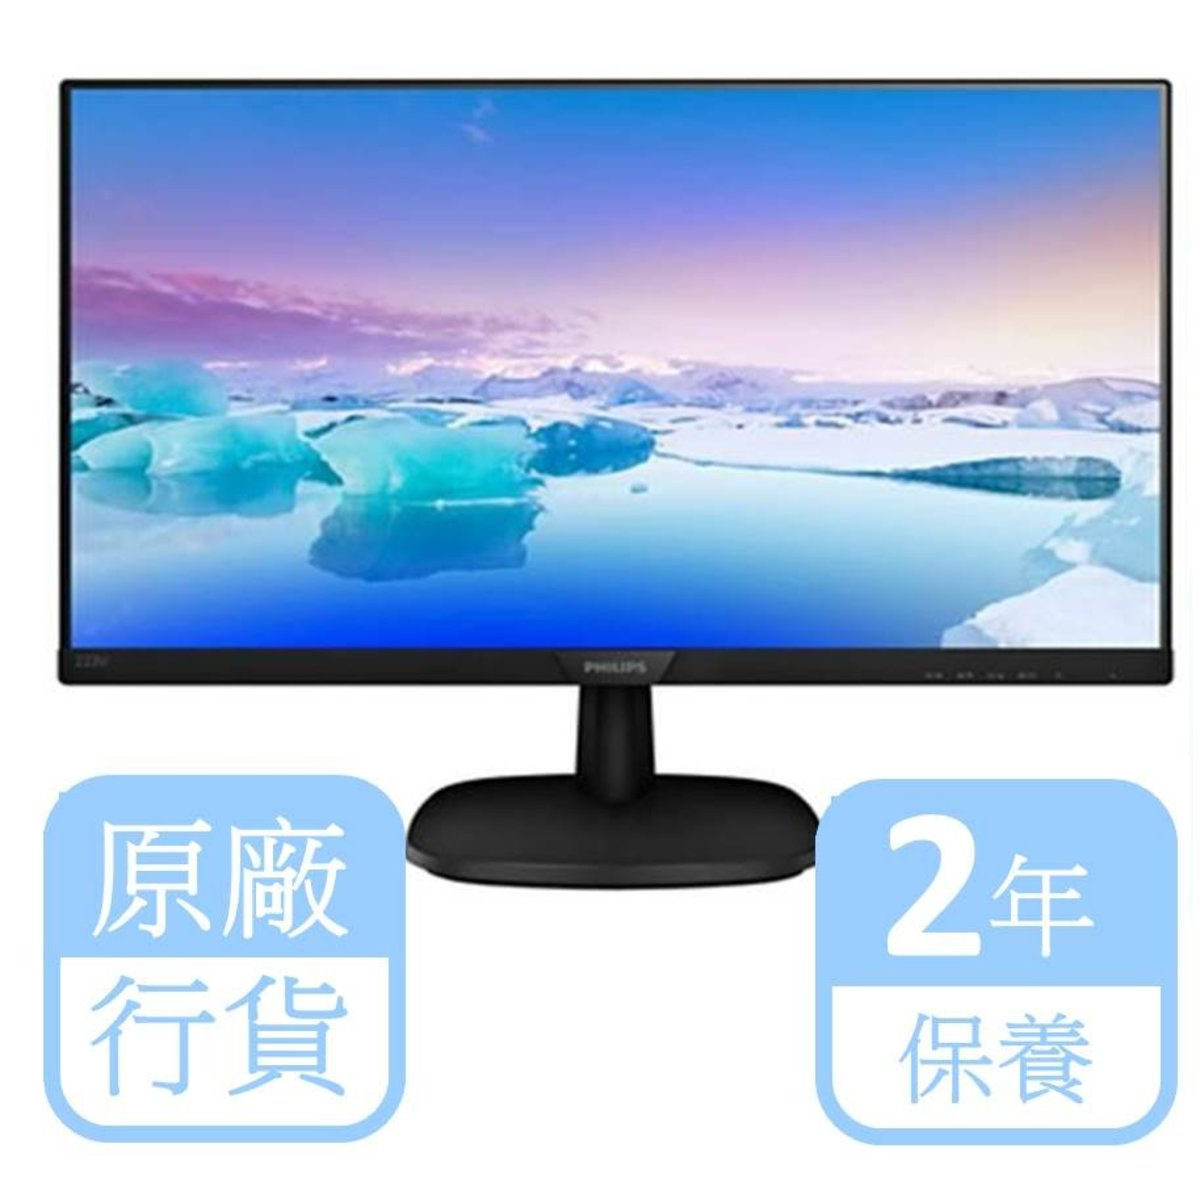 Full-hd 22 吋LCD 顯示器223V7QHAB